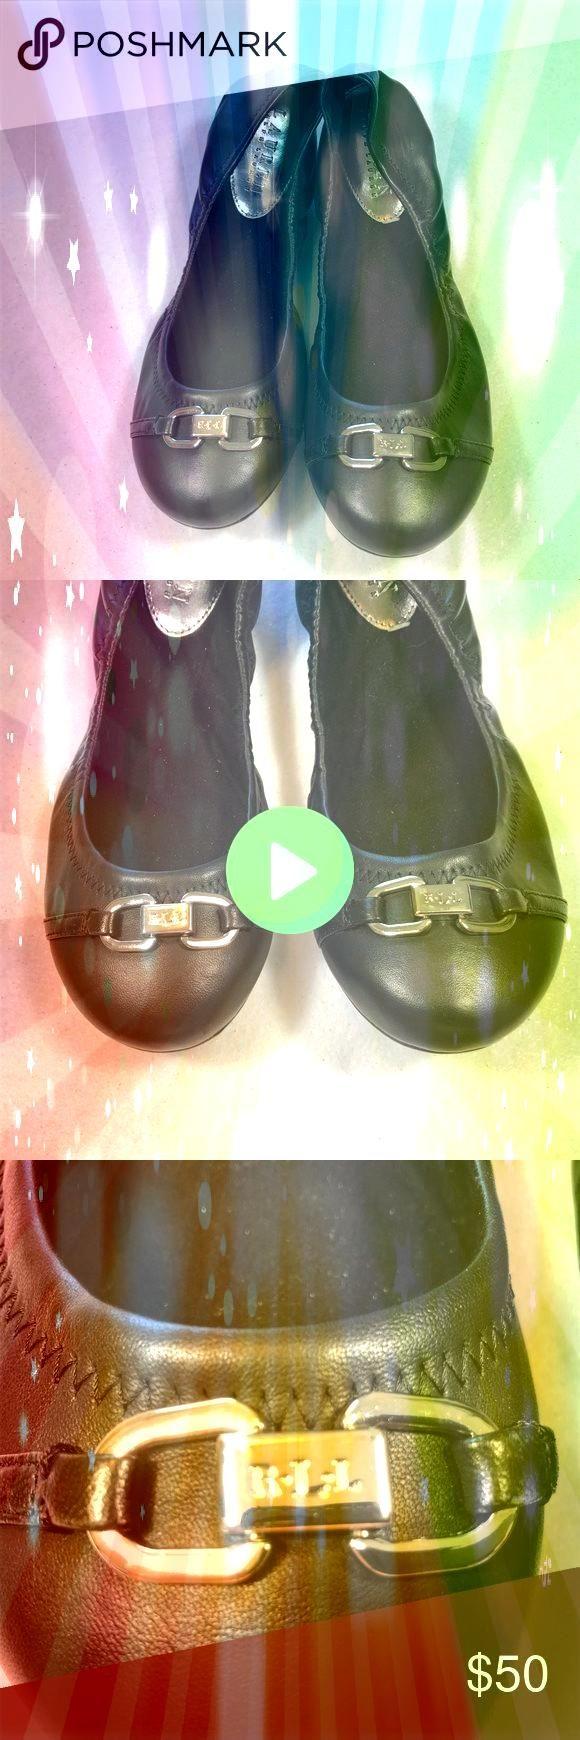 Lauren Black Womens Ballet flats Shoes 8 Ralph Lauren Black Women39 Ralph Lauren Black Womens Ballet flats Shoes 8 Ralph Lauren Black Women39 Ralph Lauren Black Womens Ba...